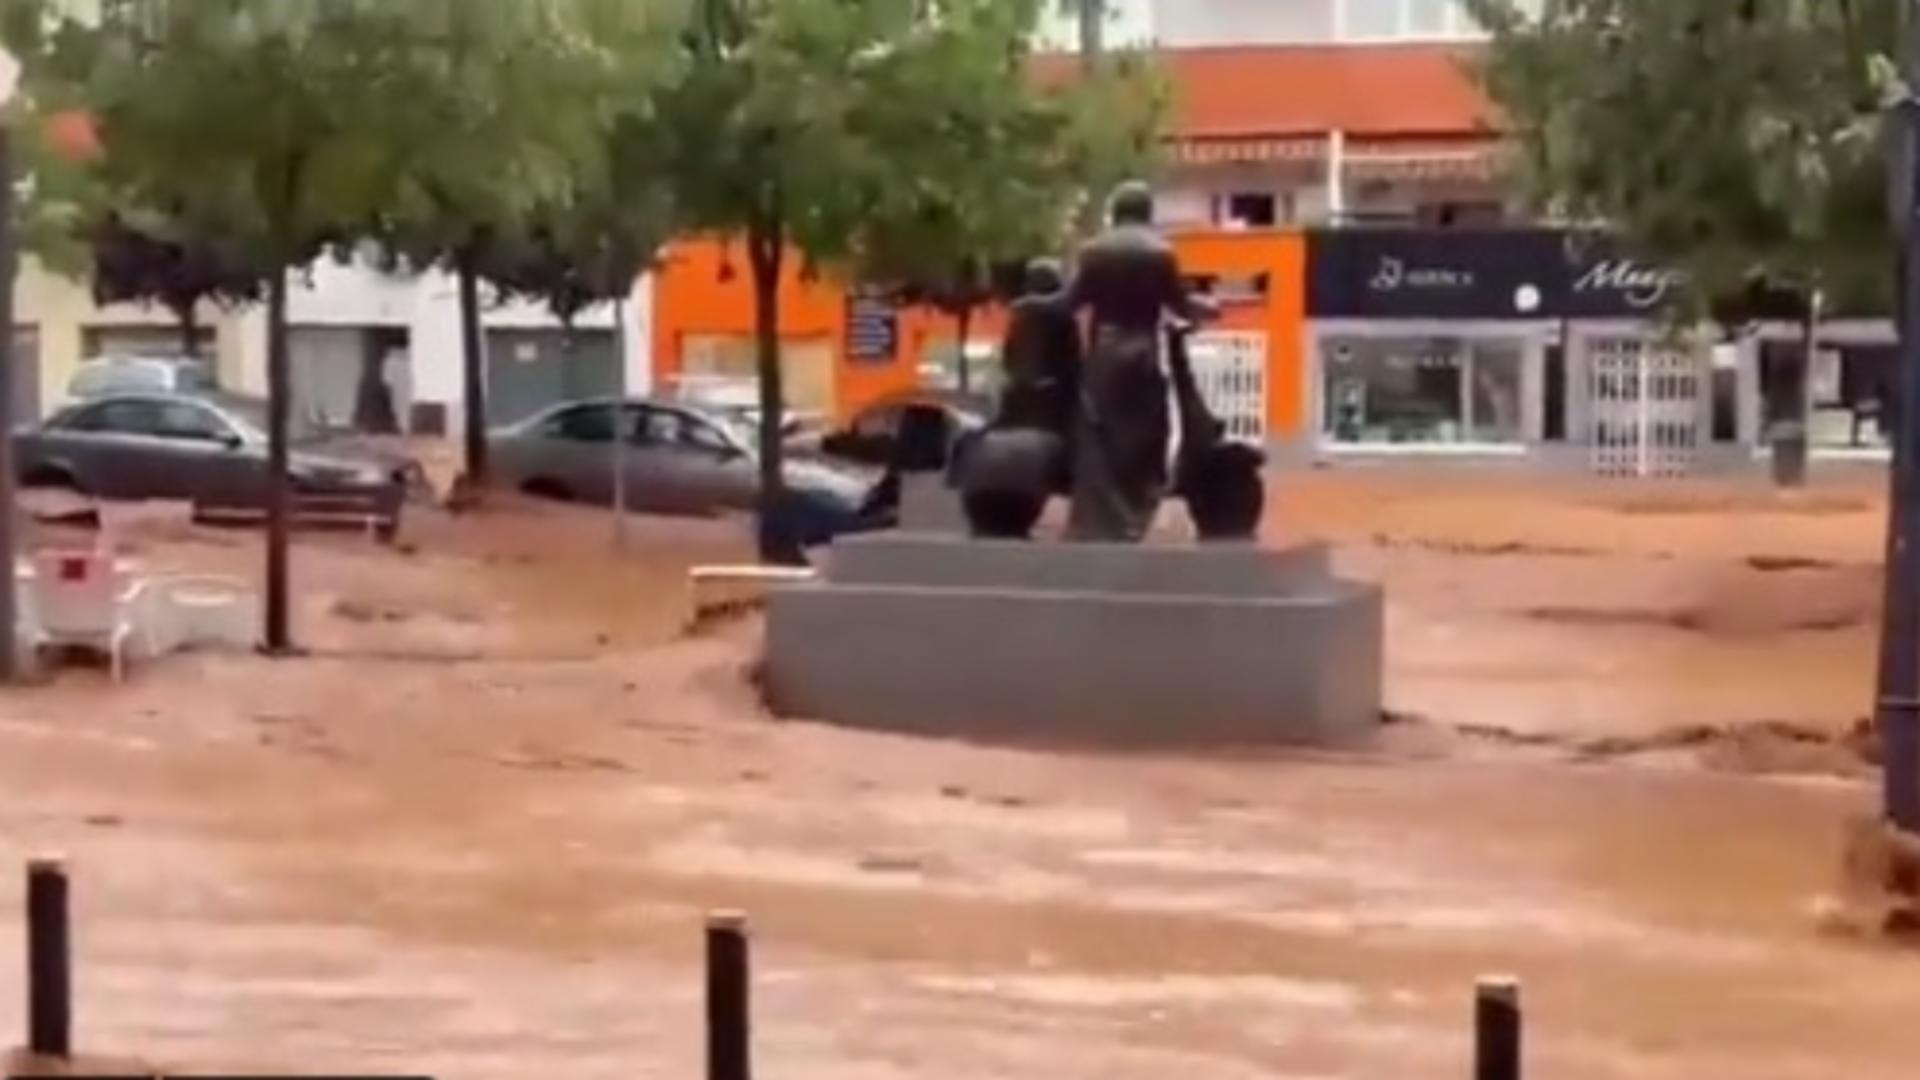 Spania, PARALIZATĂ după ploile abundente - Imagini de coșmar cu apele revărsate în mai multe orașe